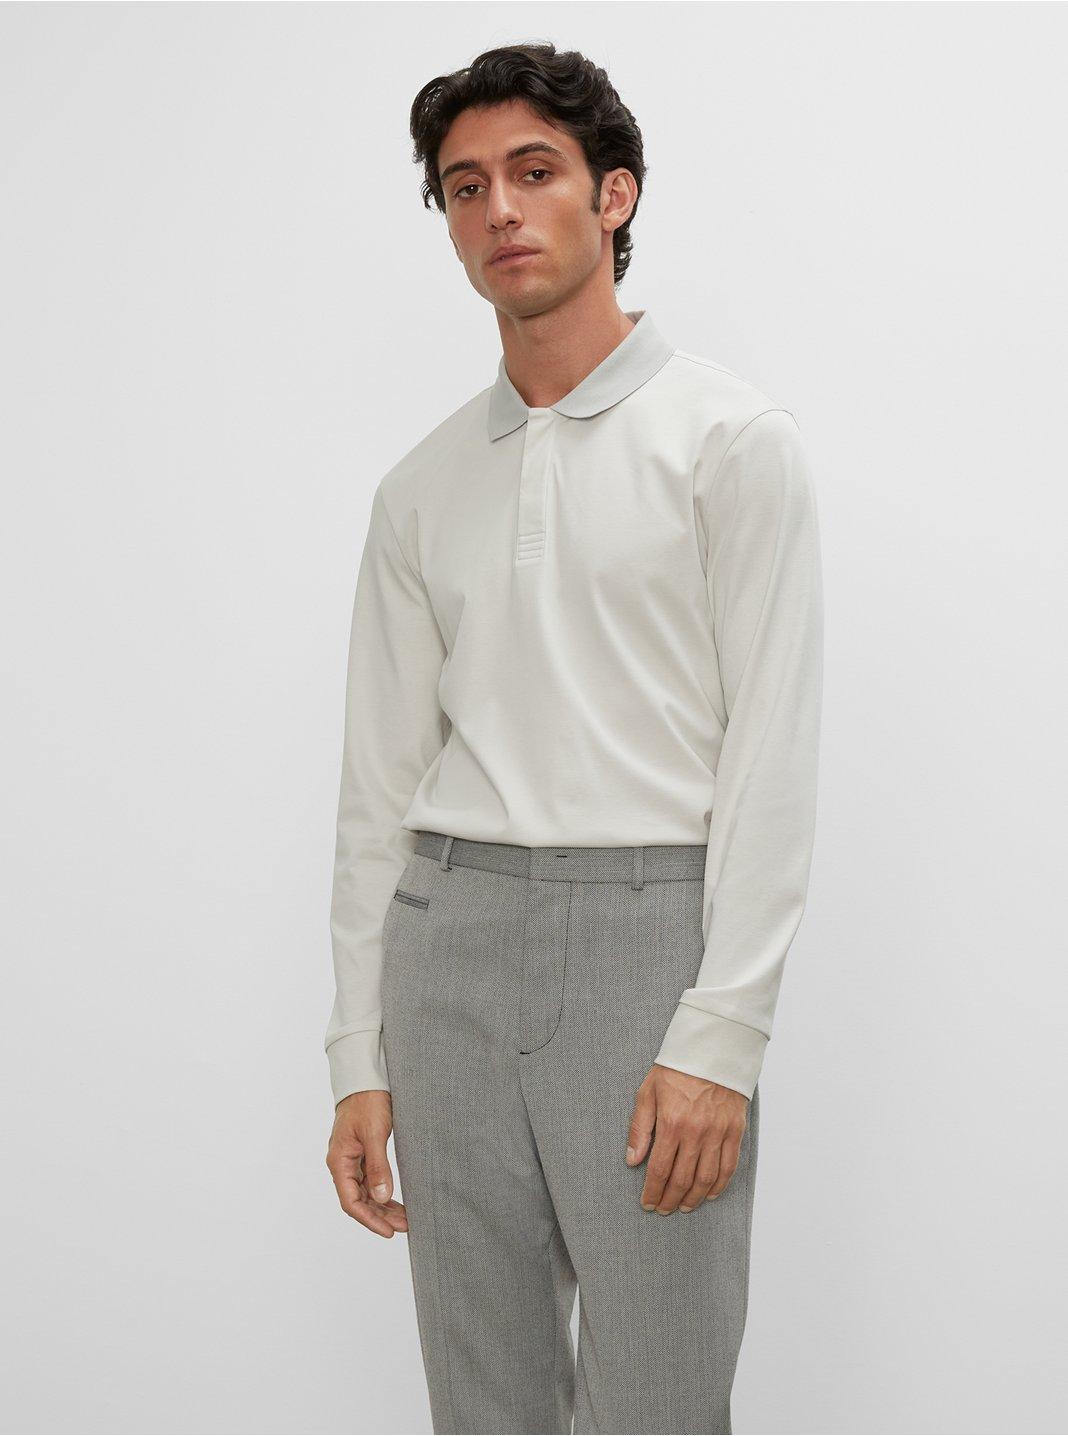 클럽 모나코 맨 폴로 셔츠  Club Monaco Refined Long Sleeve Polo,Dawn Blue/Vapor Blue